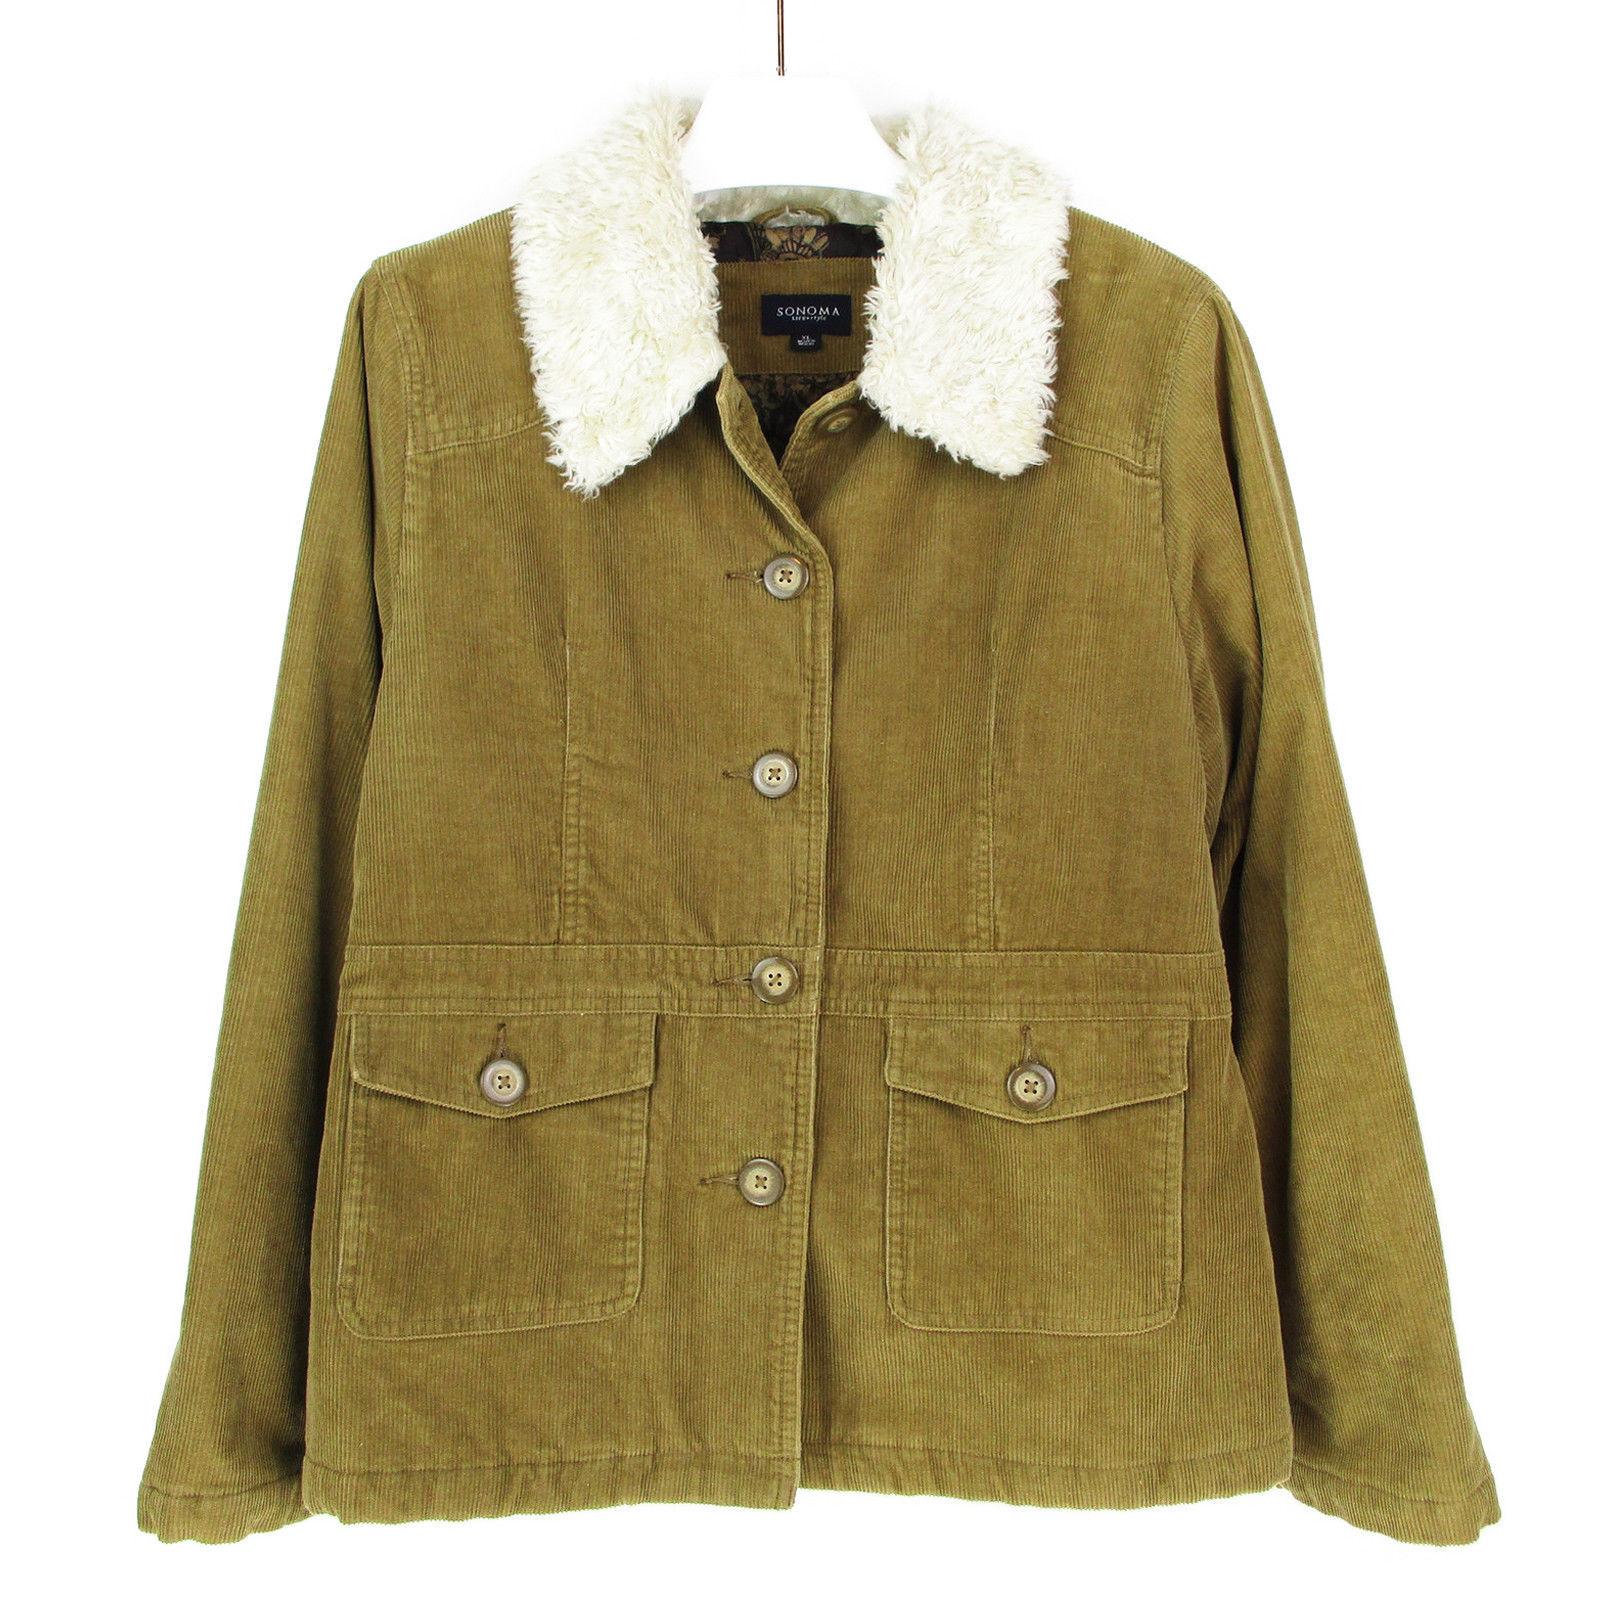 Womens XL Barn Coat Corduroy Jacket Plus Size X Large ...